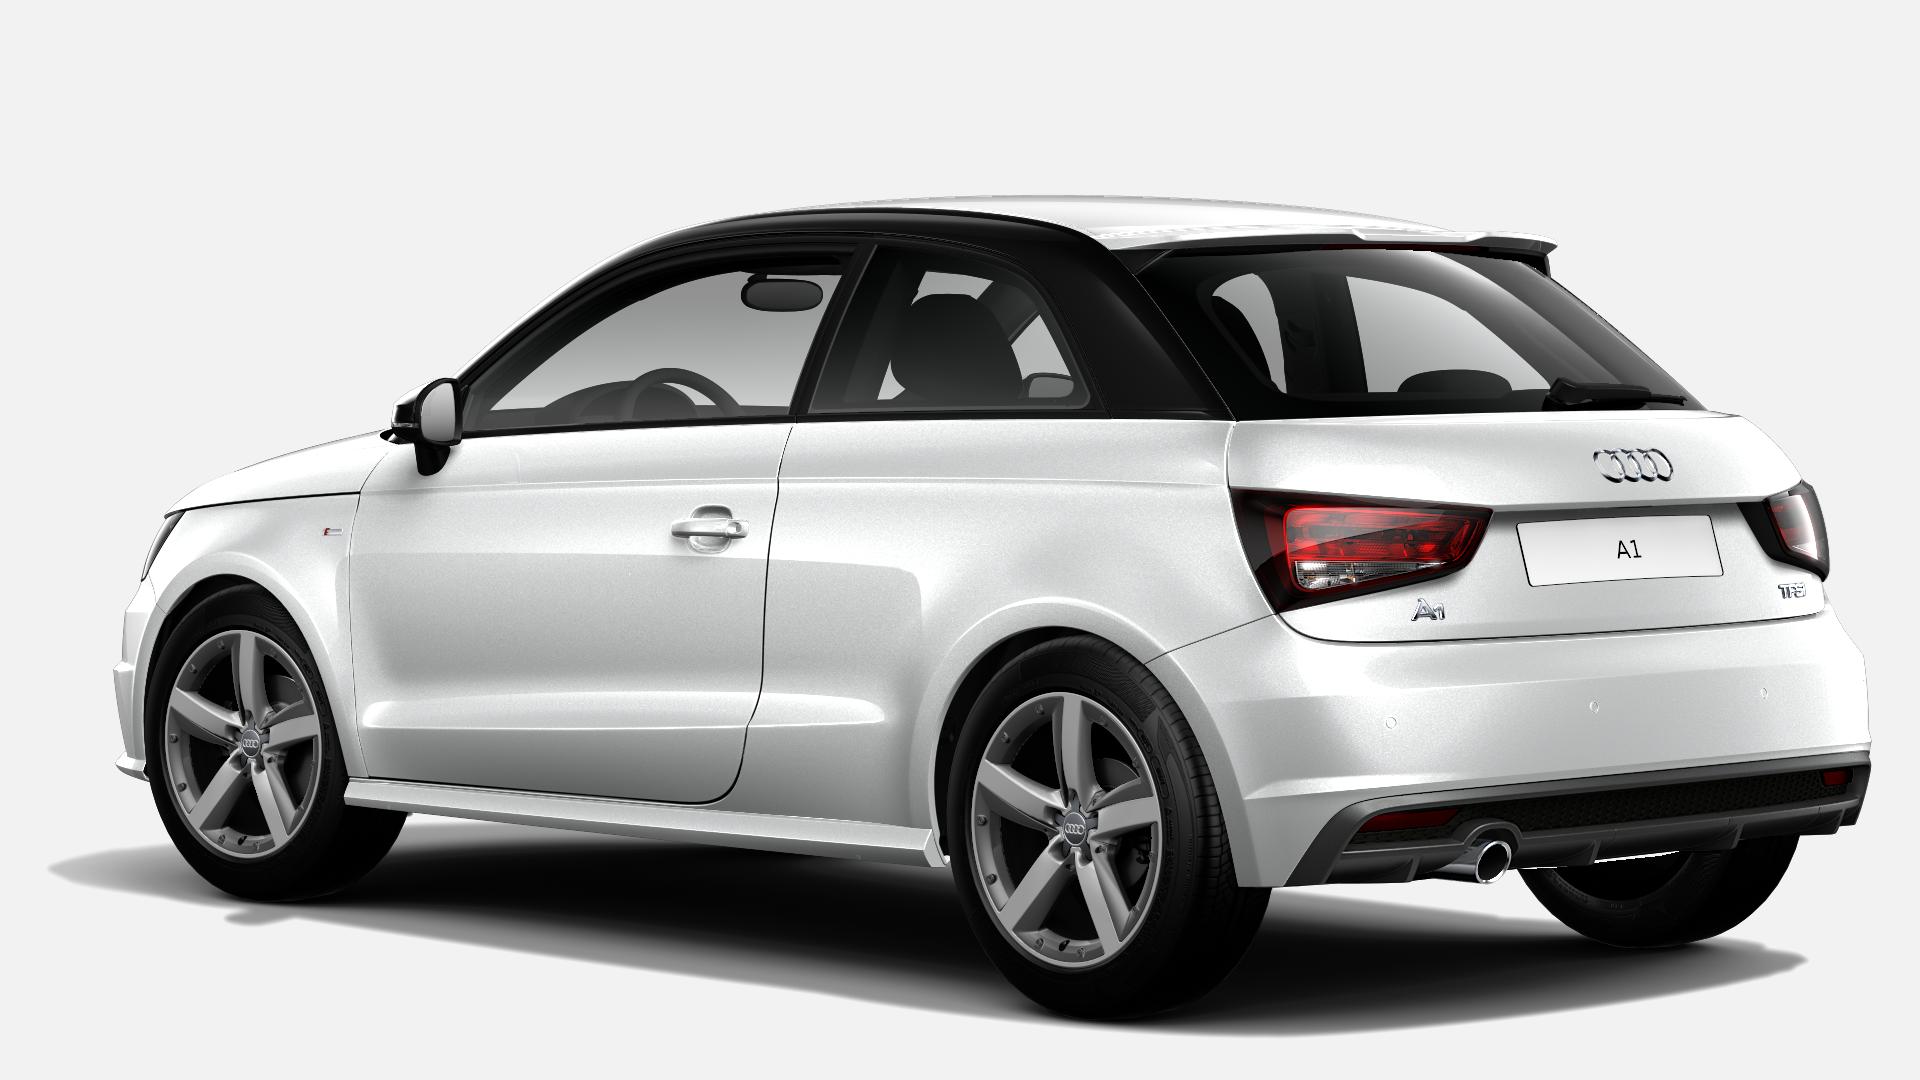 Vista Tres cuartos trasera izquierda de Audi A1 1.0 TFSI Adrenalin 70 kW (95 CV)